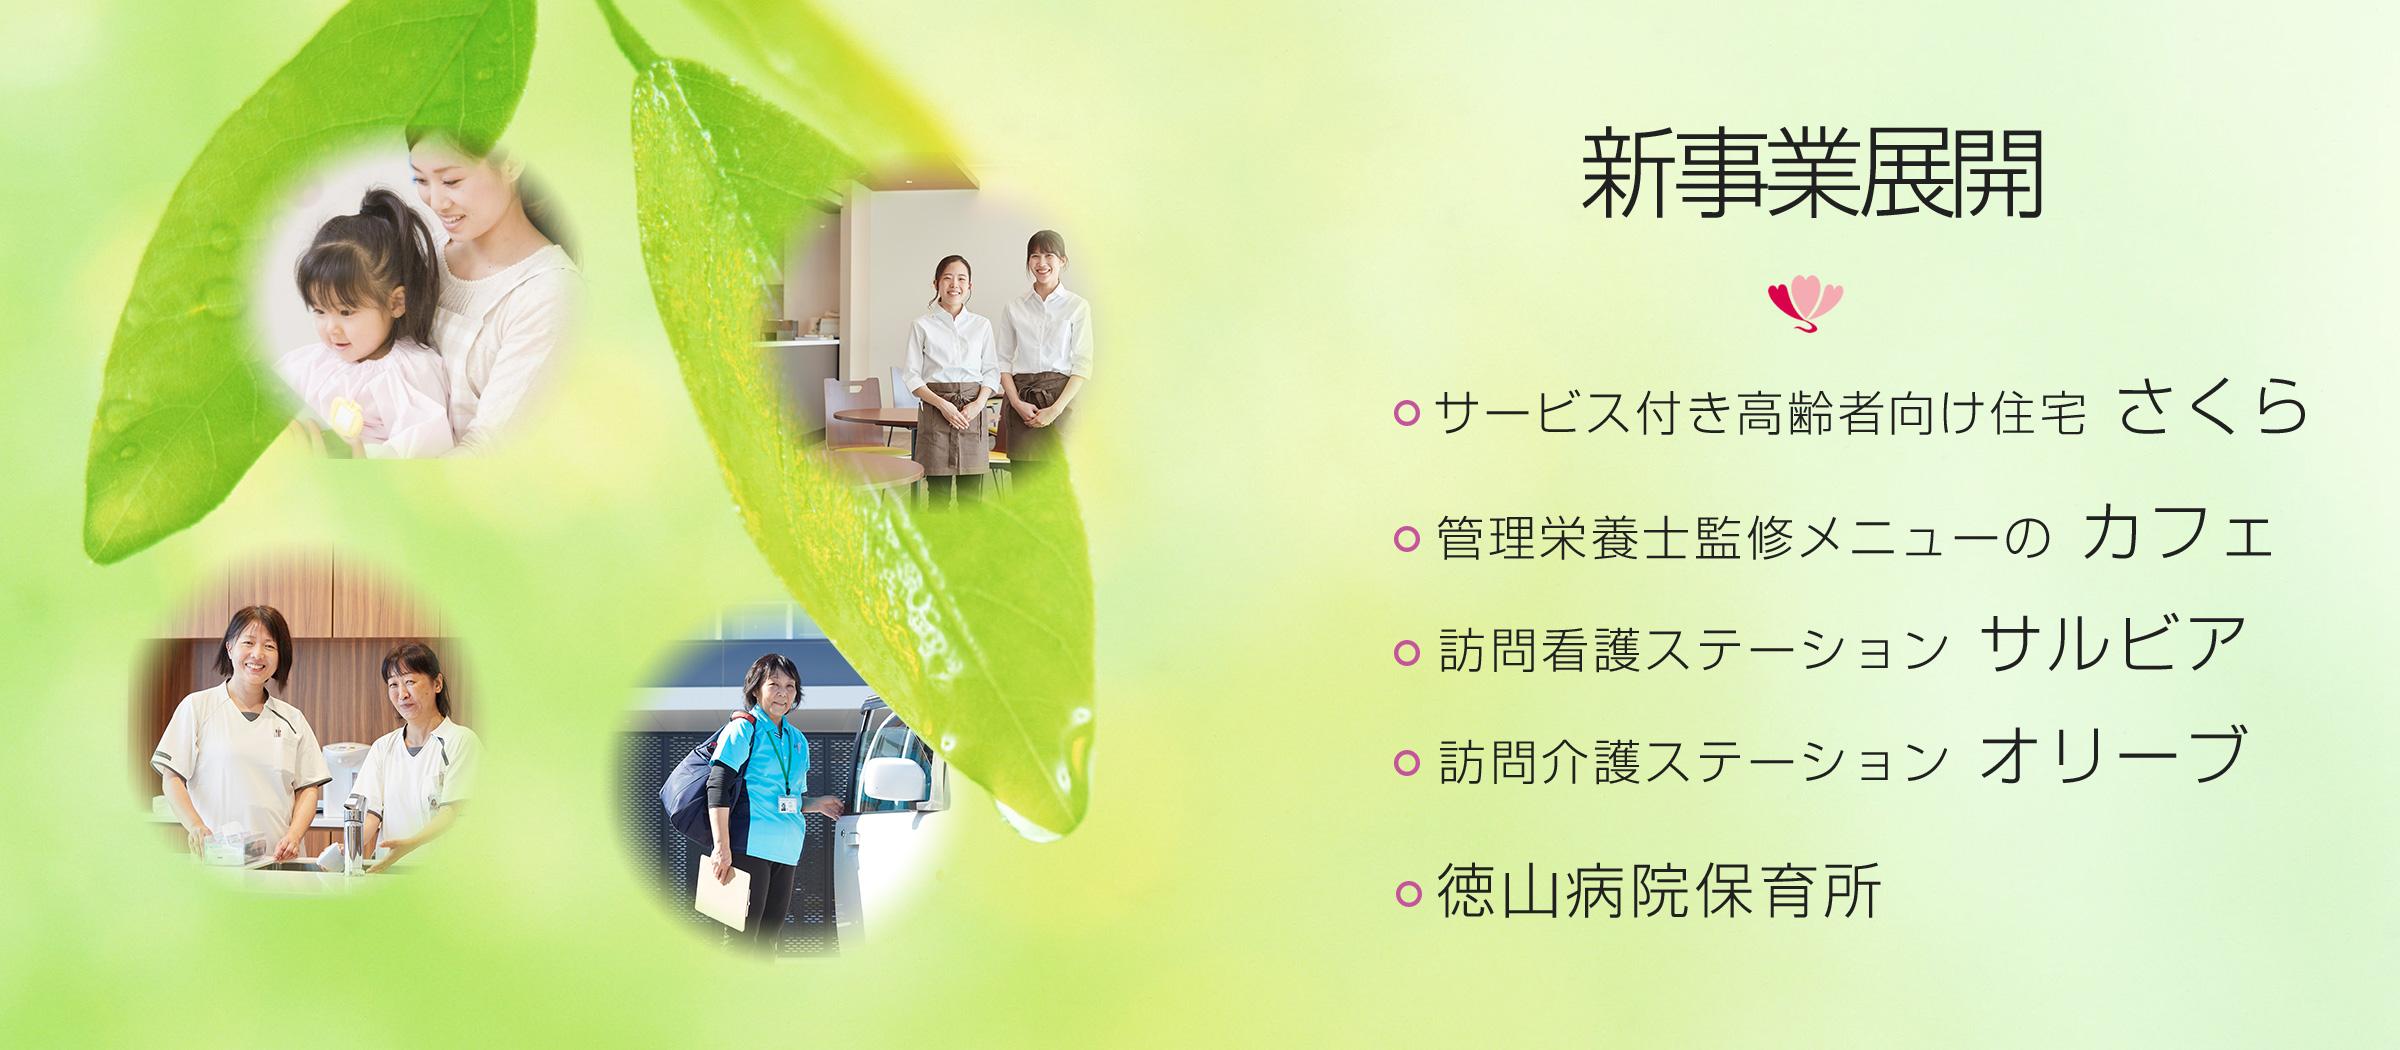 徳山病院 新事業展開